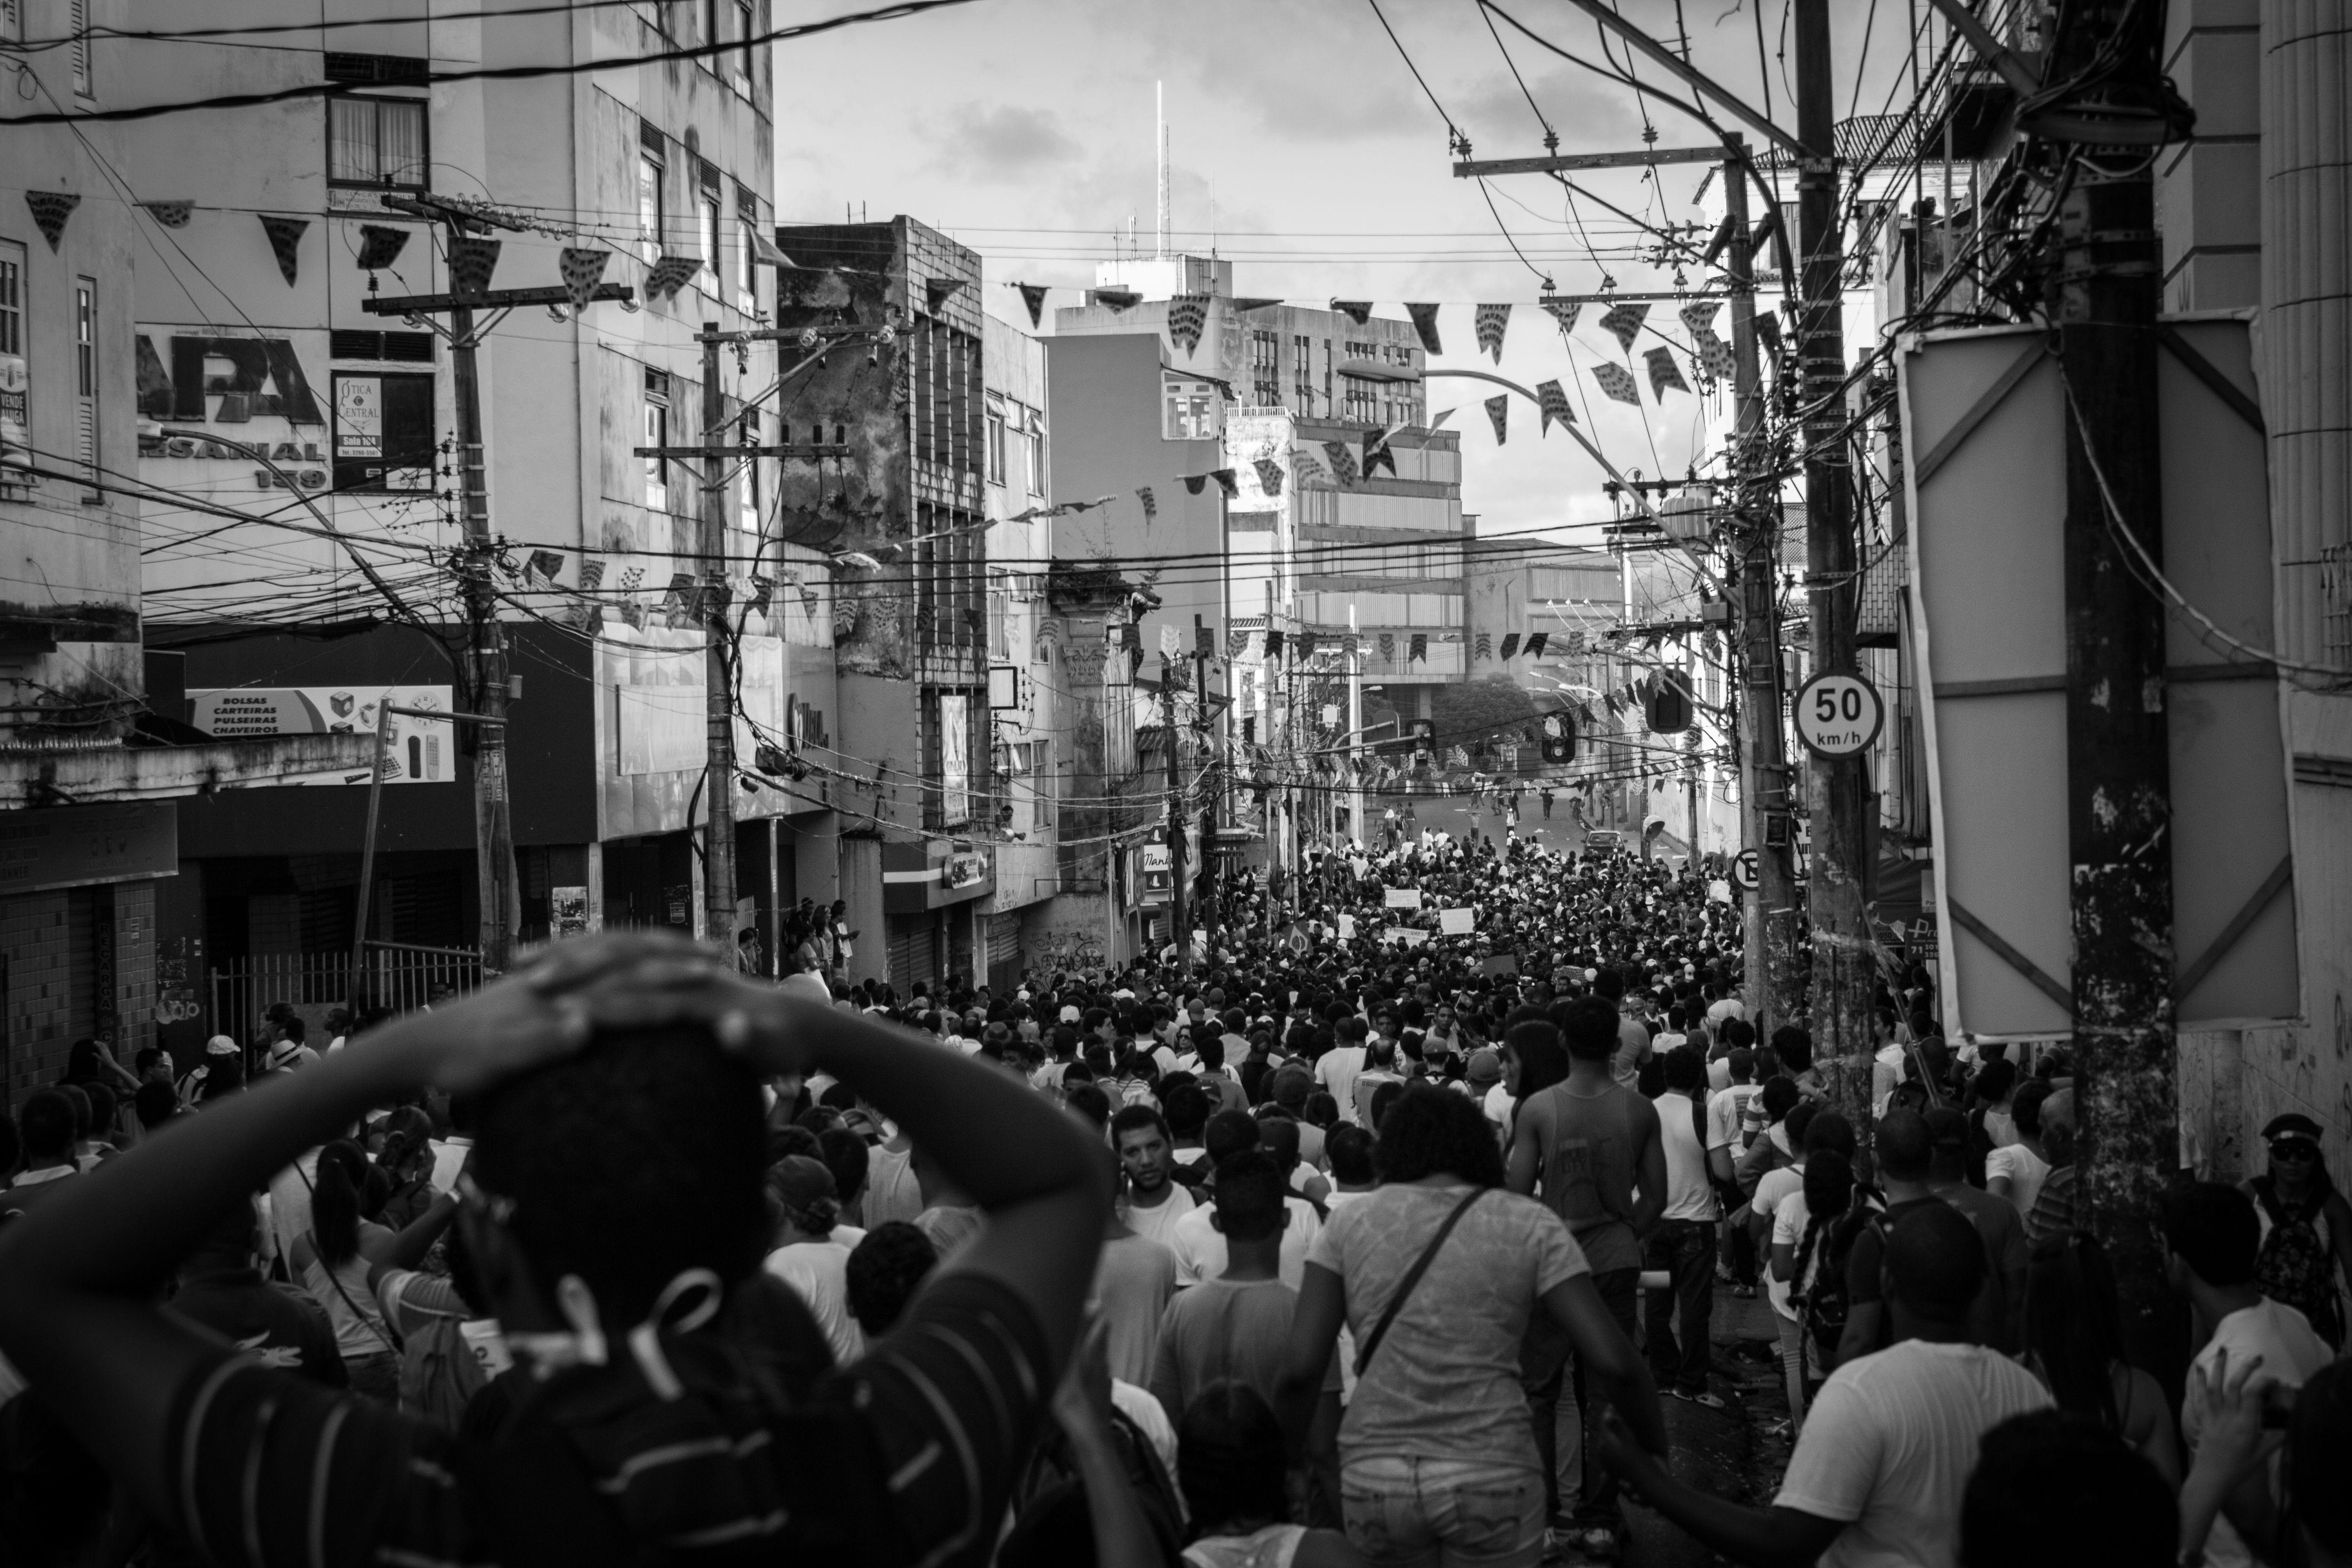 Confronto entre manifestantes e a polícia militar nos protestos de junho de 2013